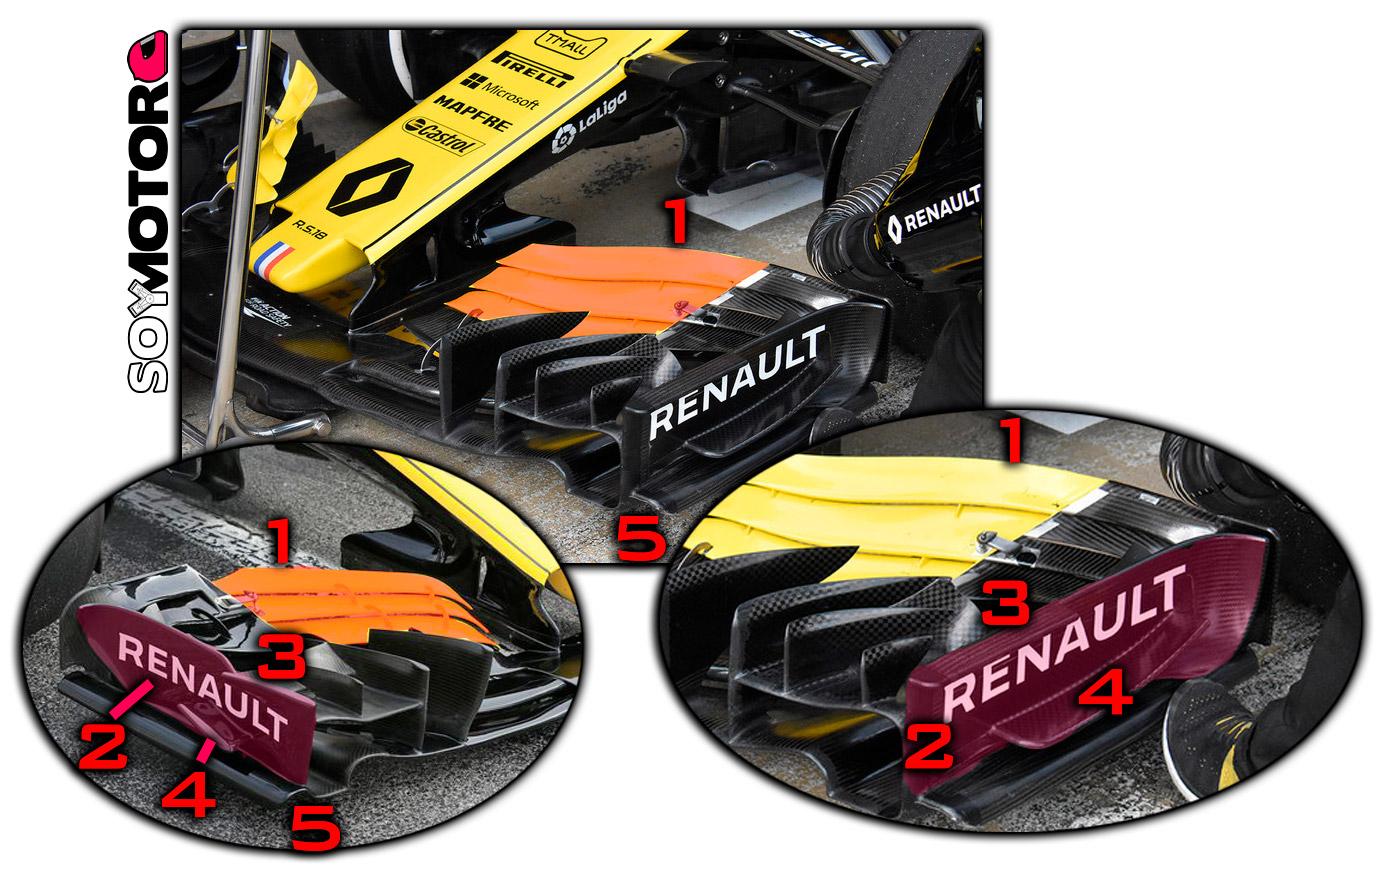 renault-ala-delantera-nueva.jpg